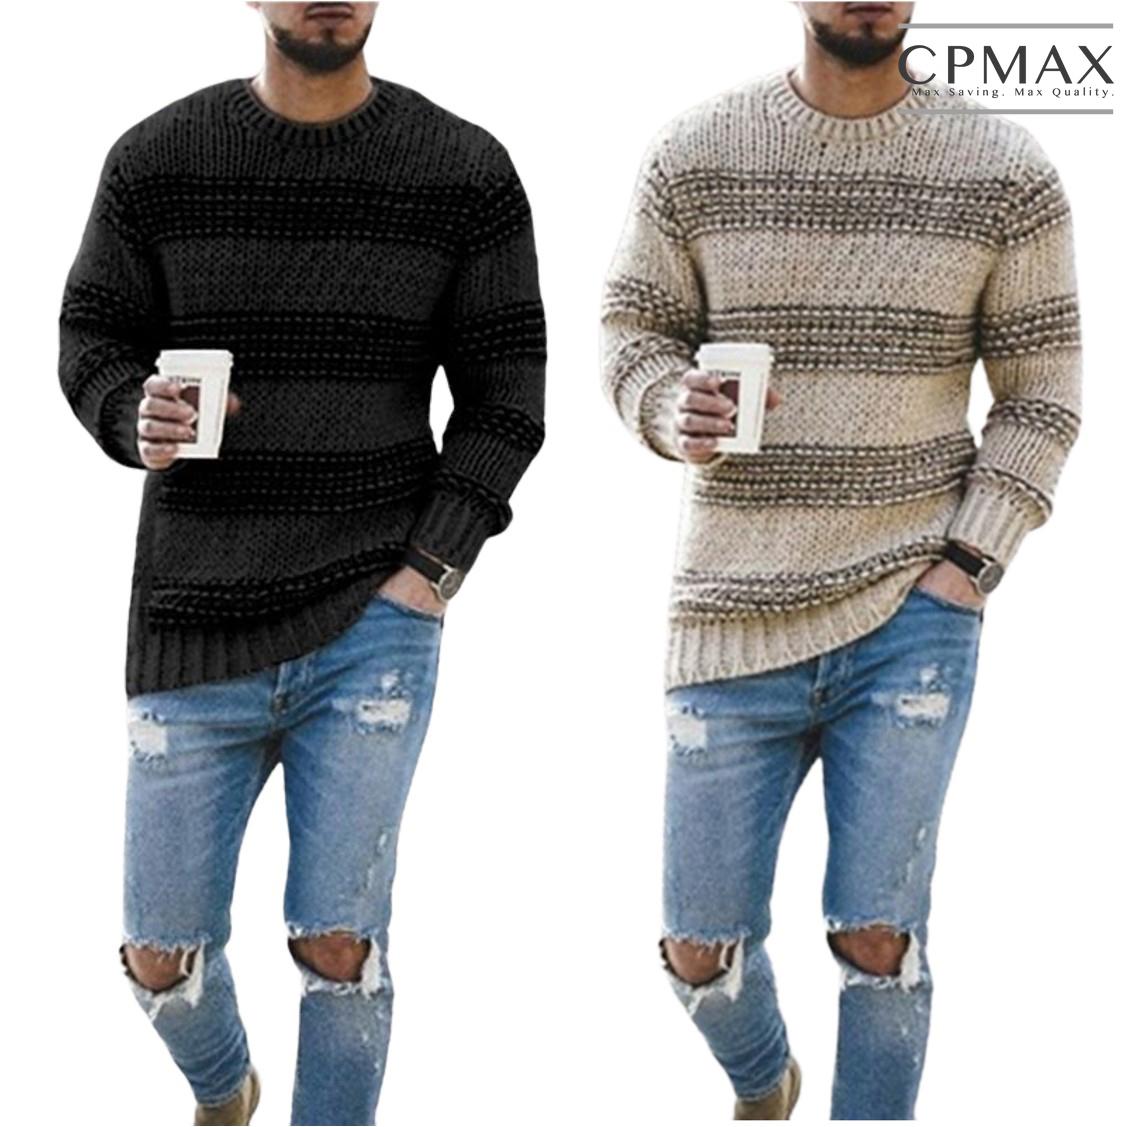 CPMAX 歐美時尚圓領針織毛衣 圓領針織上衣 條紋休閒毛衣 毛衣 上衣 針織 條紋毛衣 休閒毛衣 男生衣著 C173